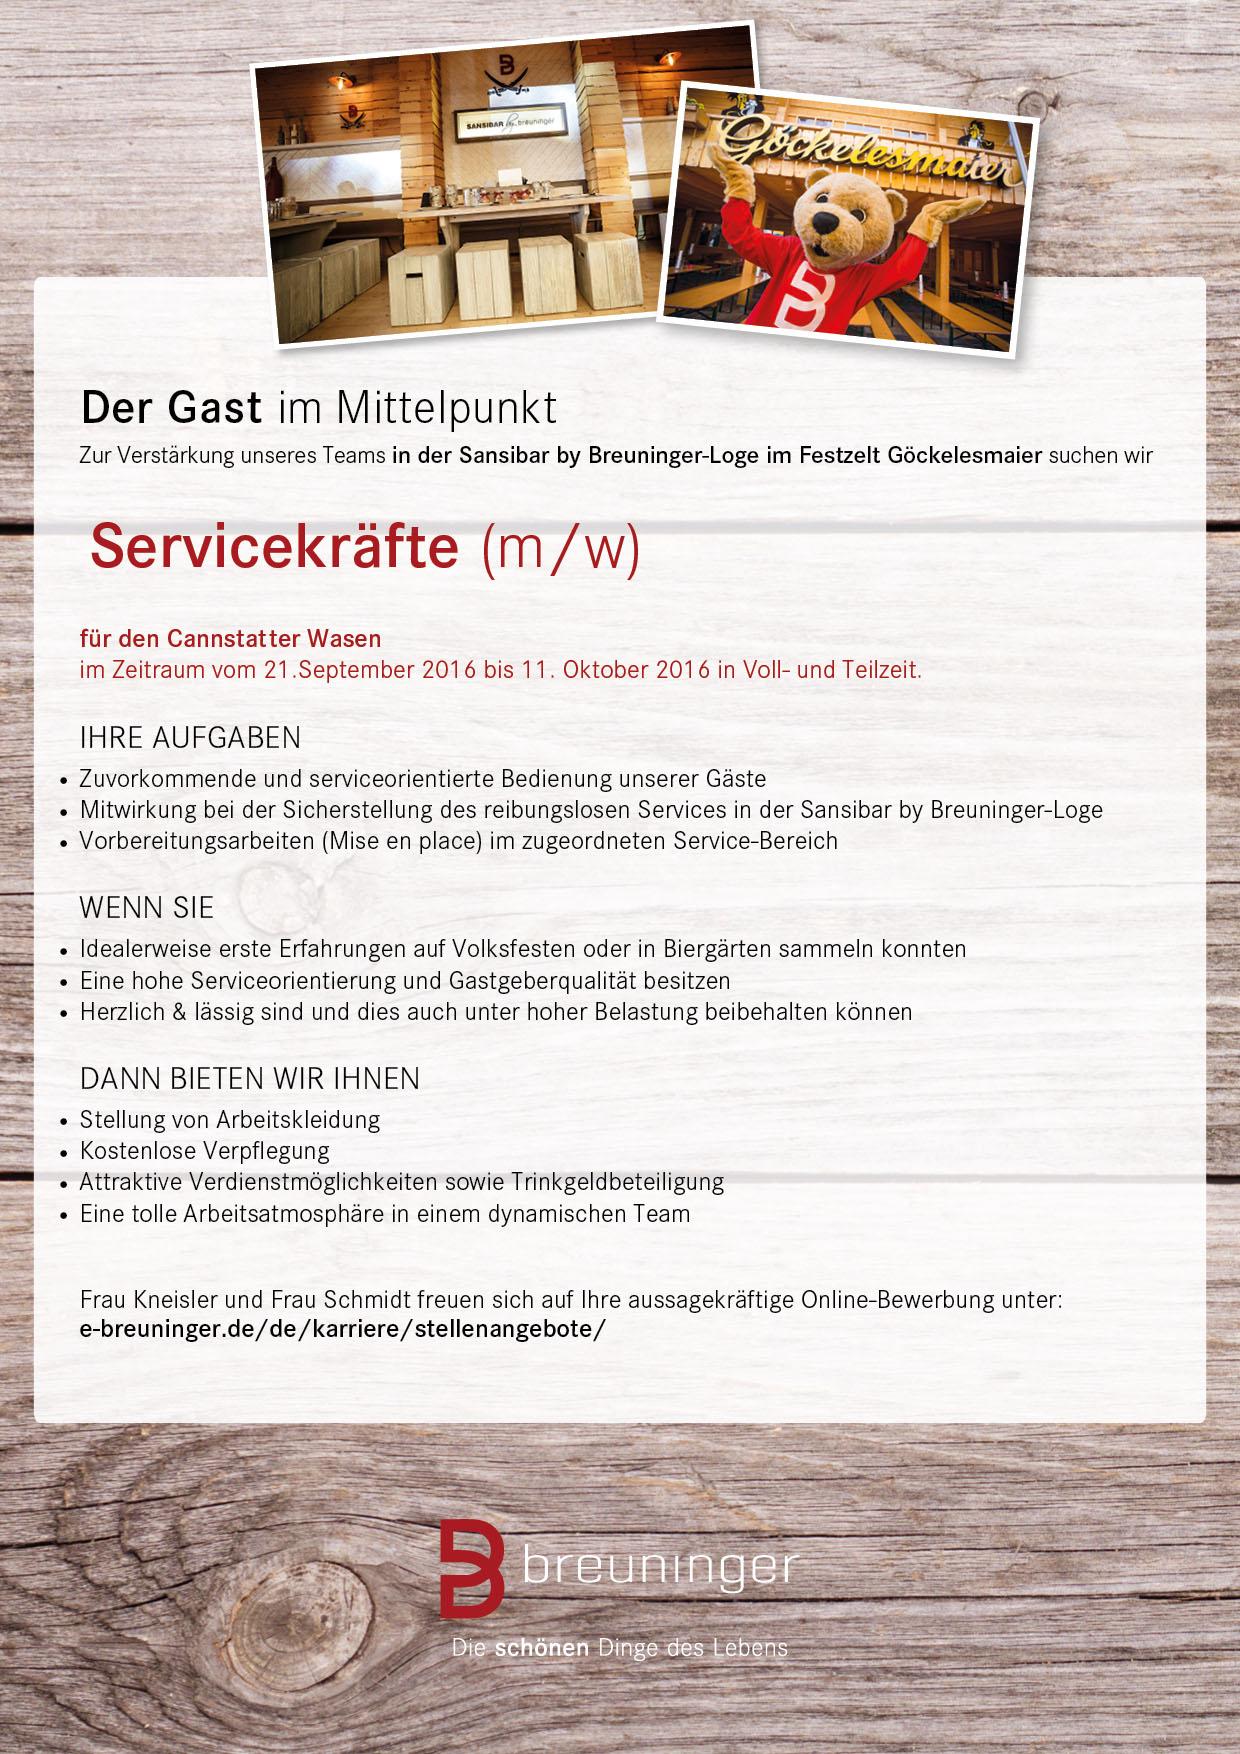 160357_AZ_StellenanzeigeVolksfest_HotelCareer_ST_210x297_Service_x1